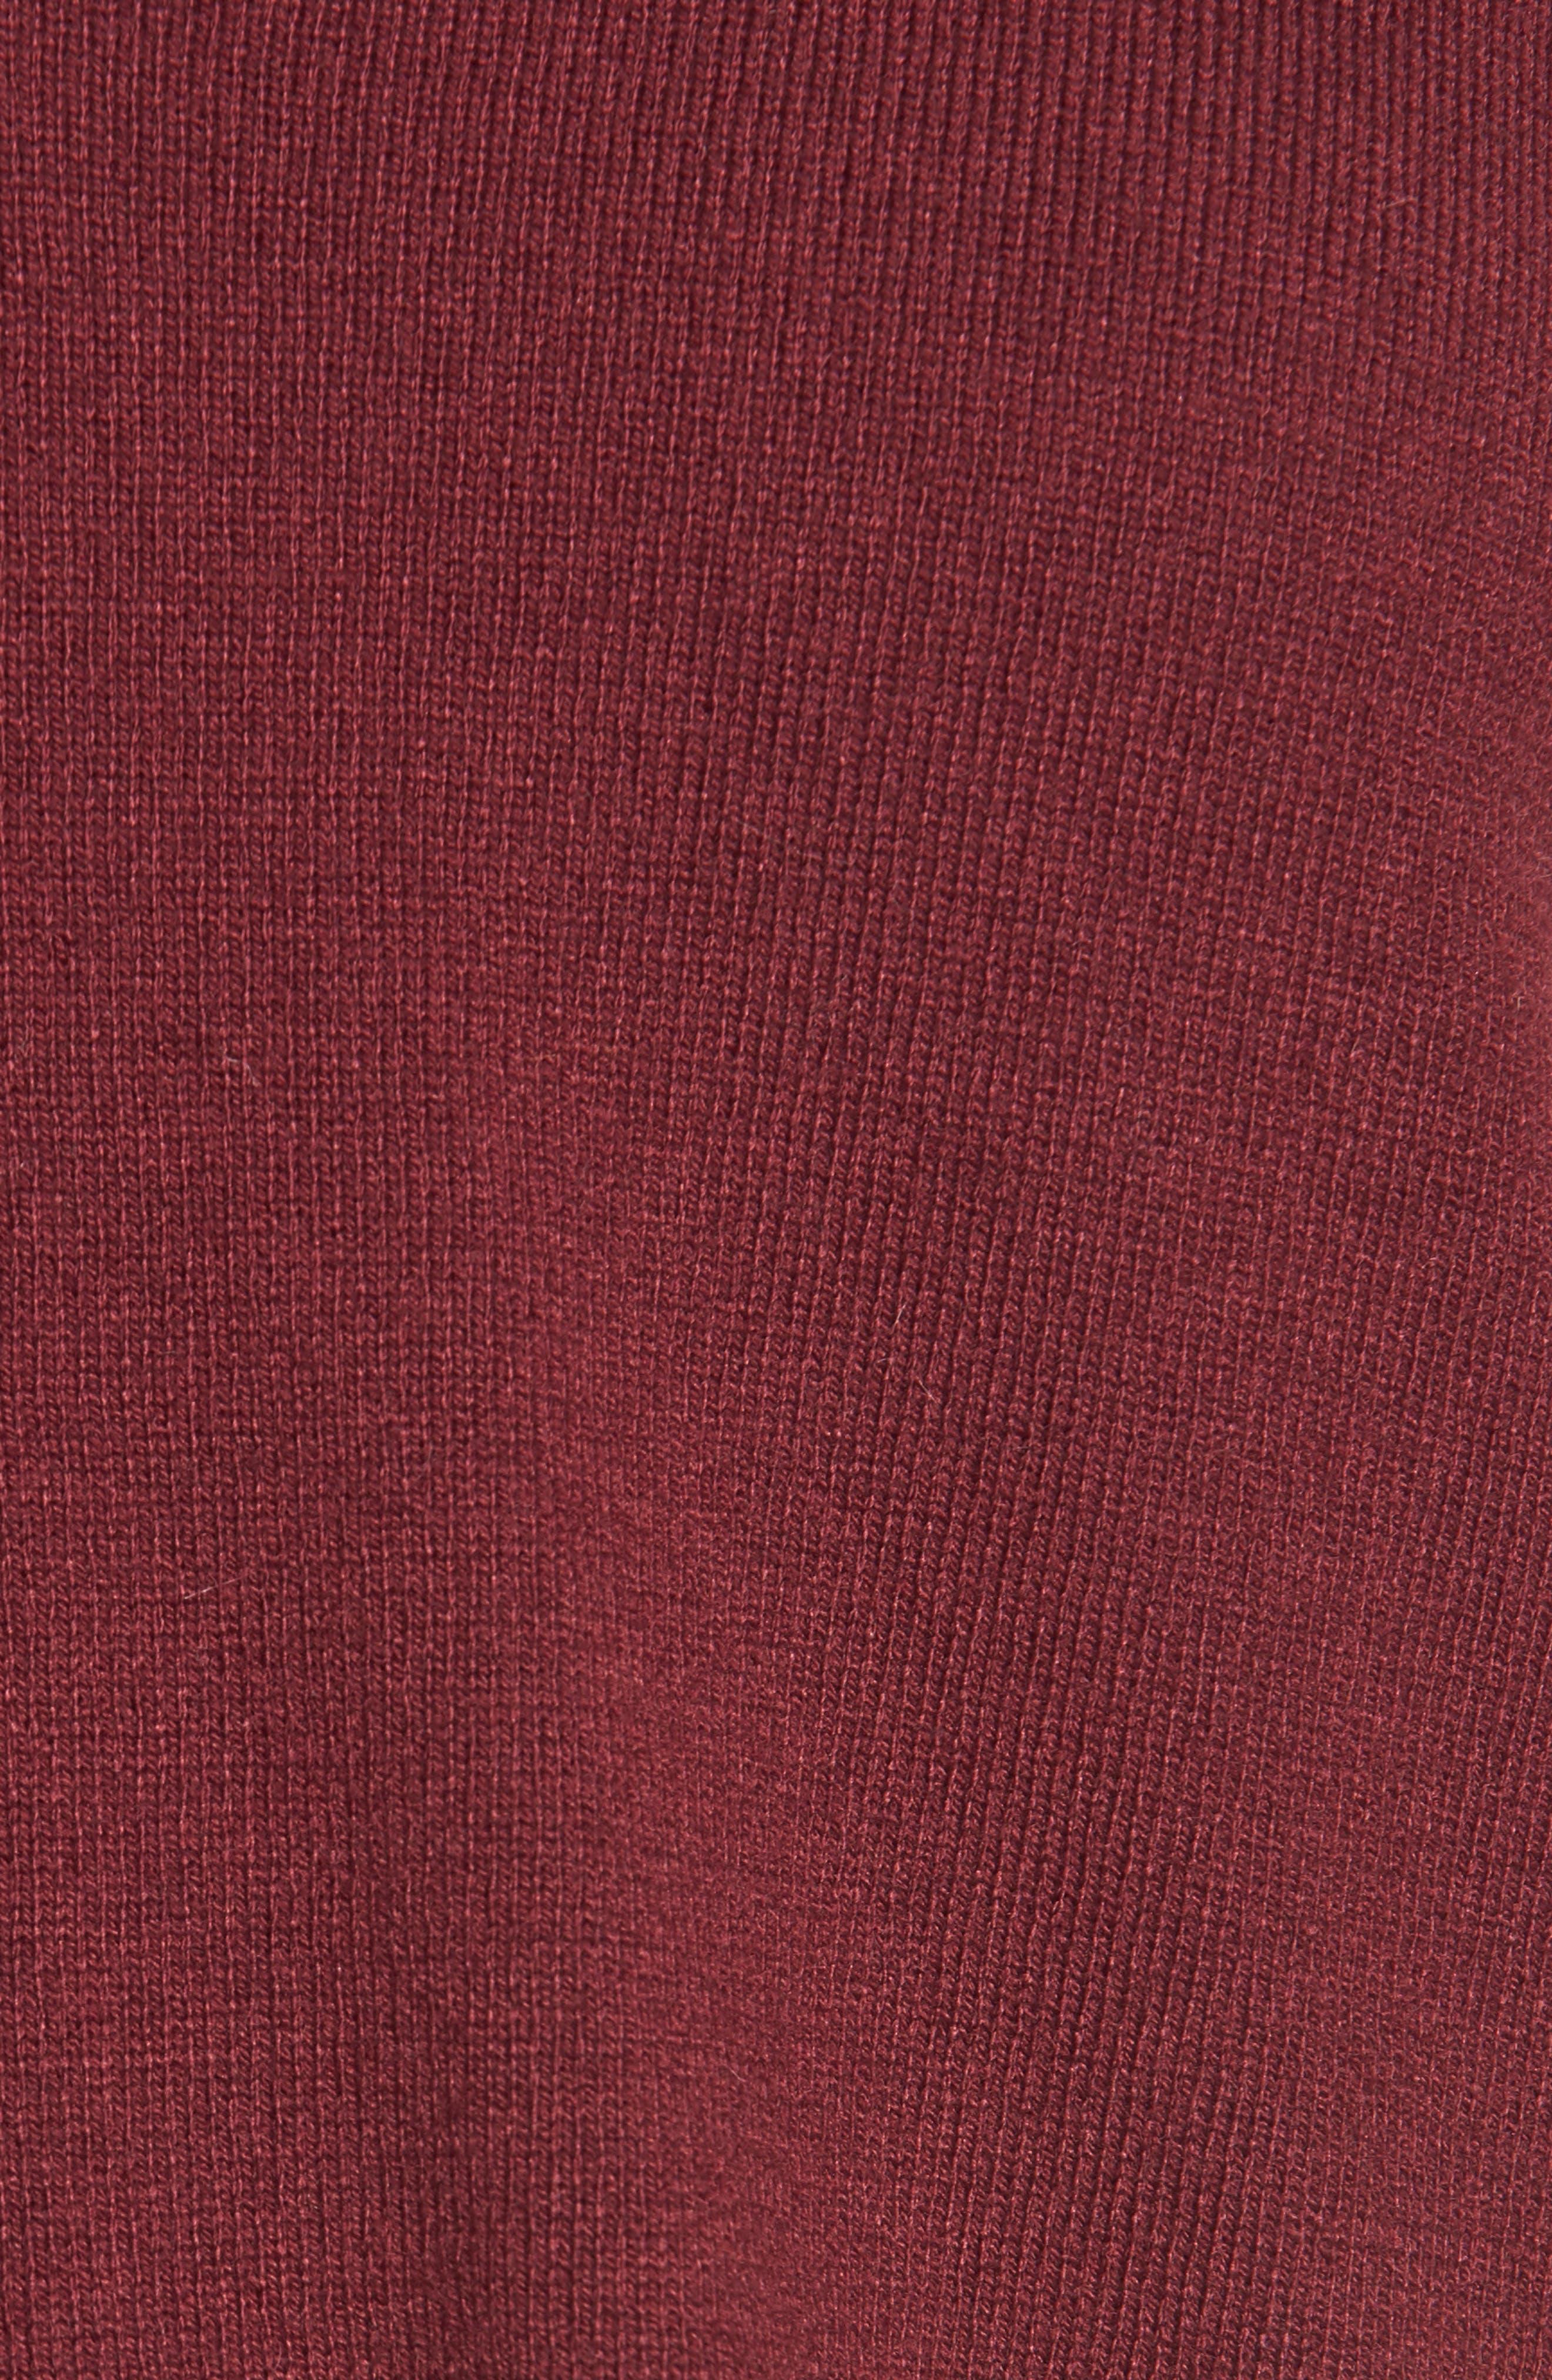 V-Neck Sweater,                             Alternate thumbnail 5, color,                             601